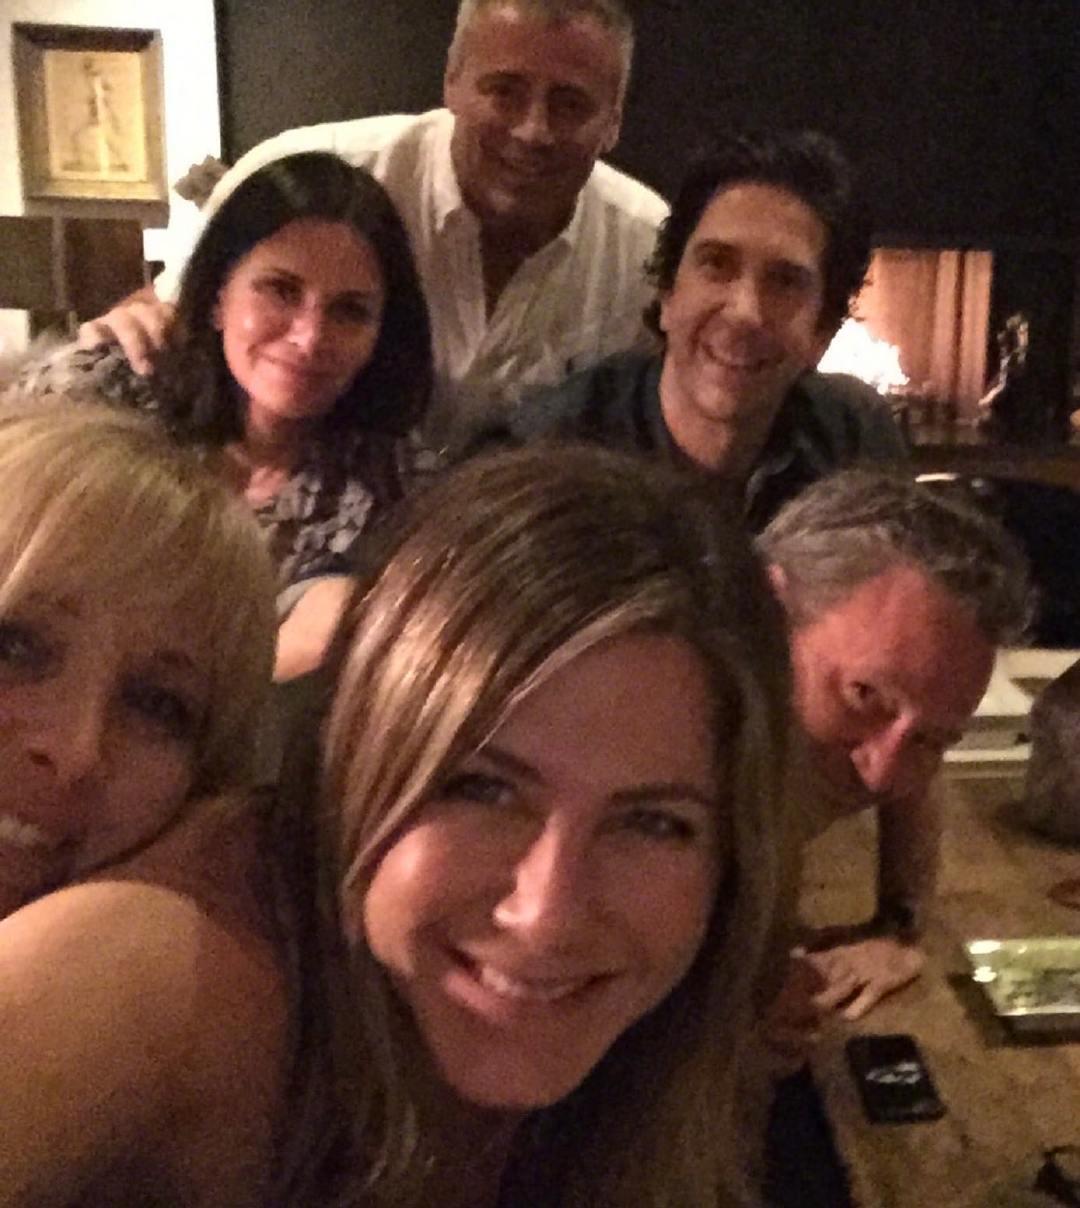 珍妮弗·安妮斯顿(Jennifer Aniston)在其ins上发布《老友记》六人重